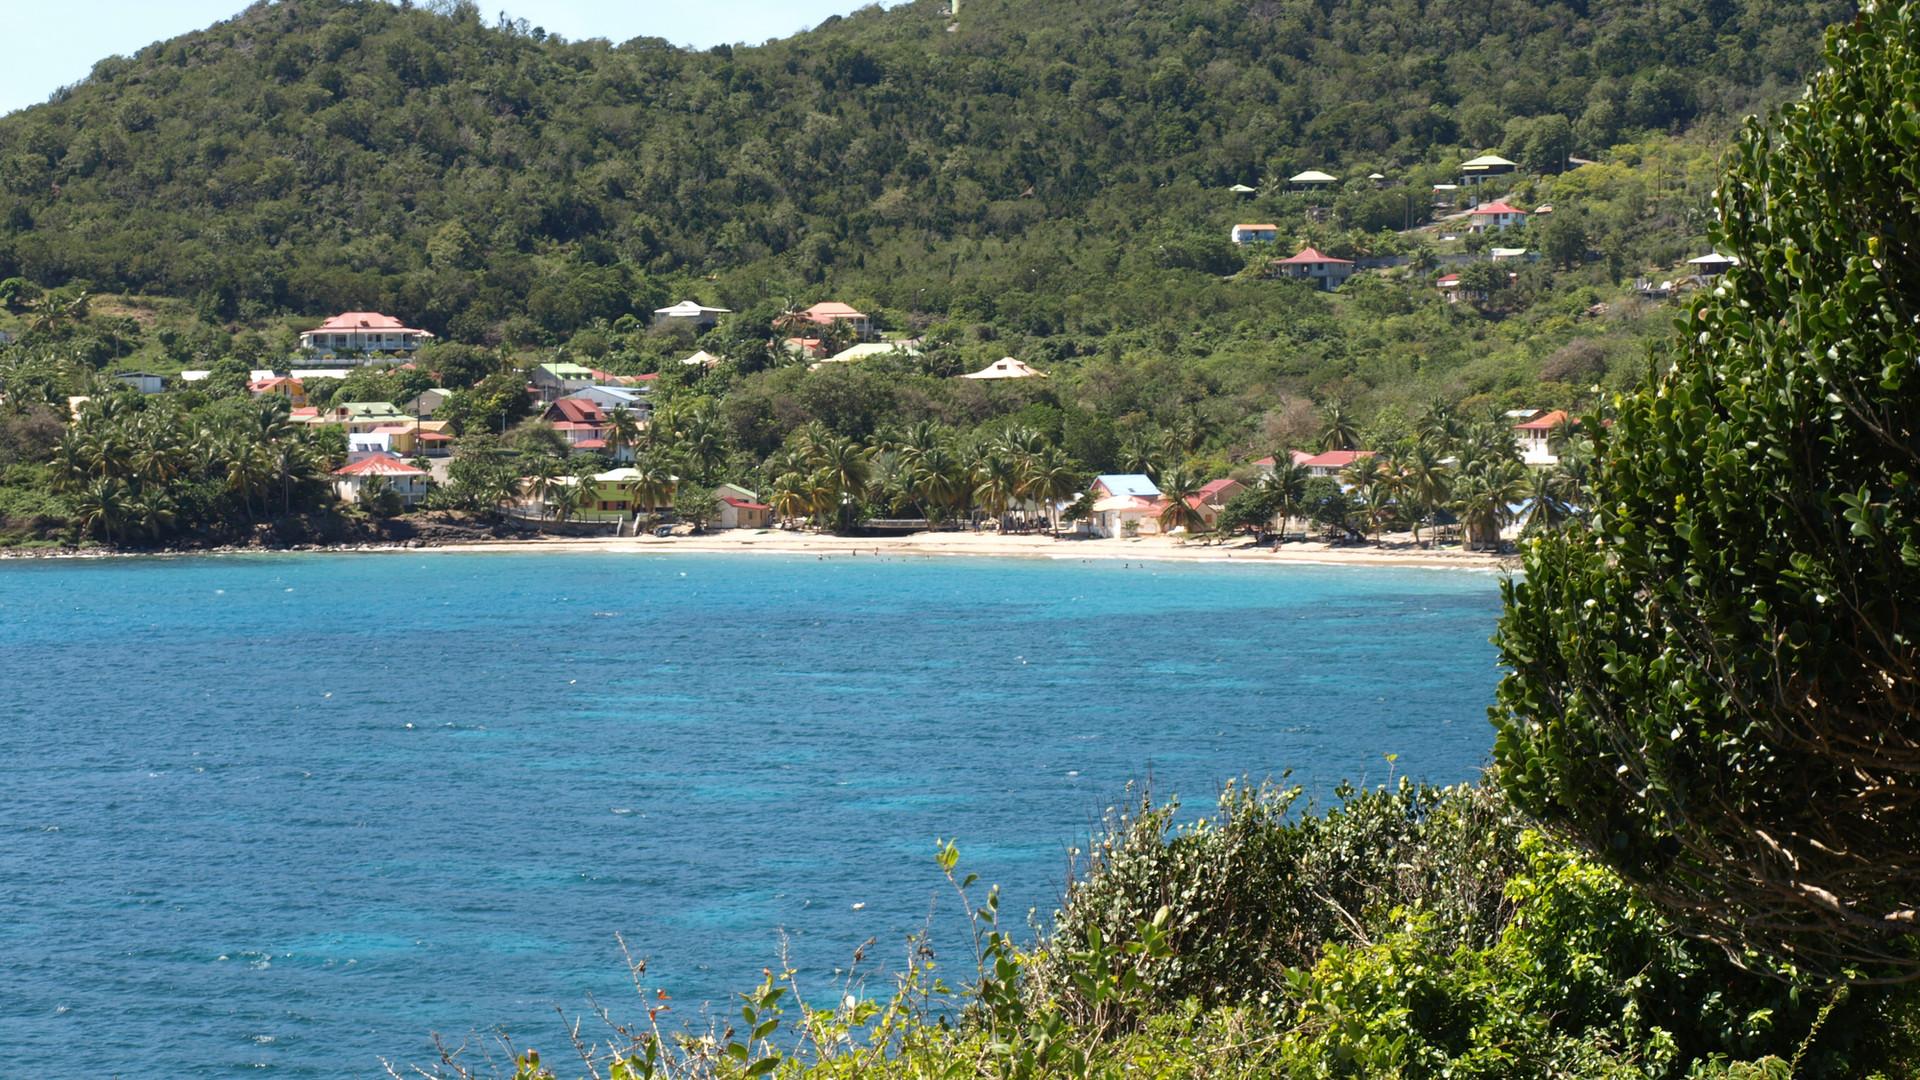 Plage - Résidence Coco d'Iles -  Les Saintes